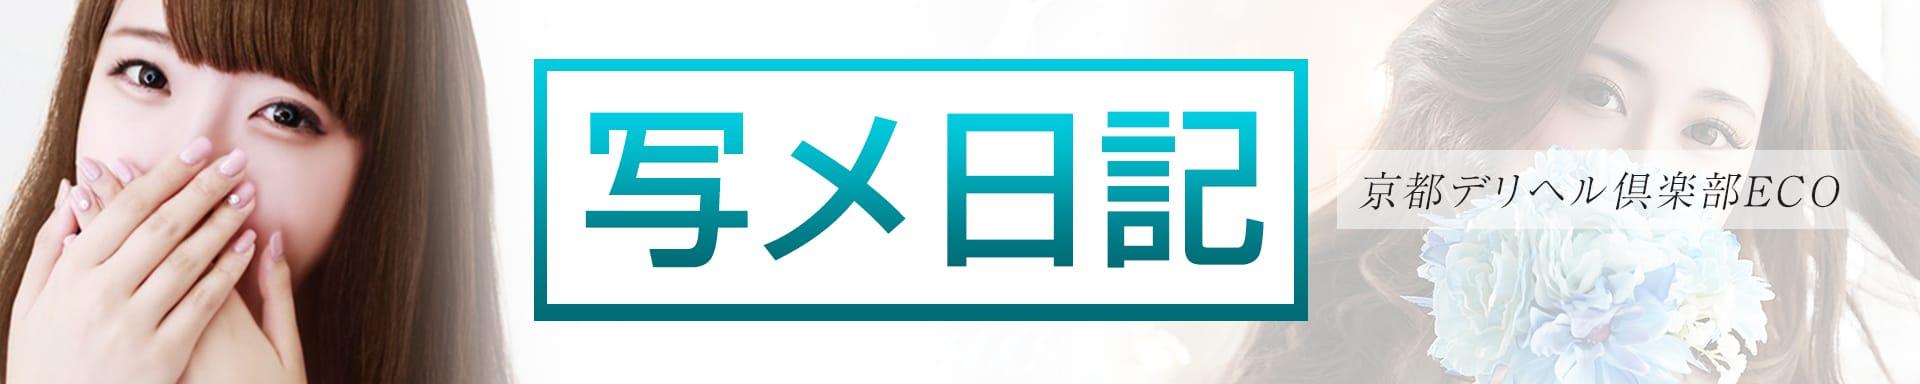 京都デリヘル倶楽部ECO その3